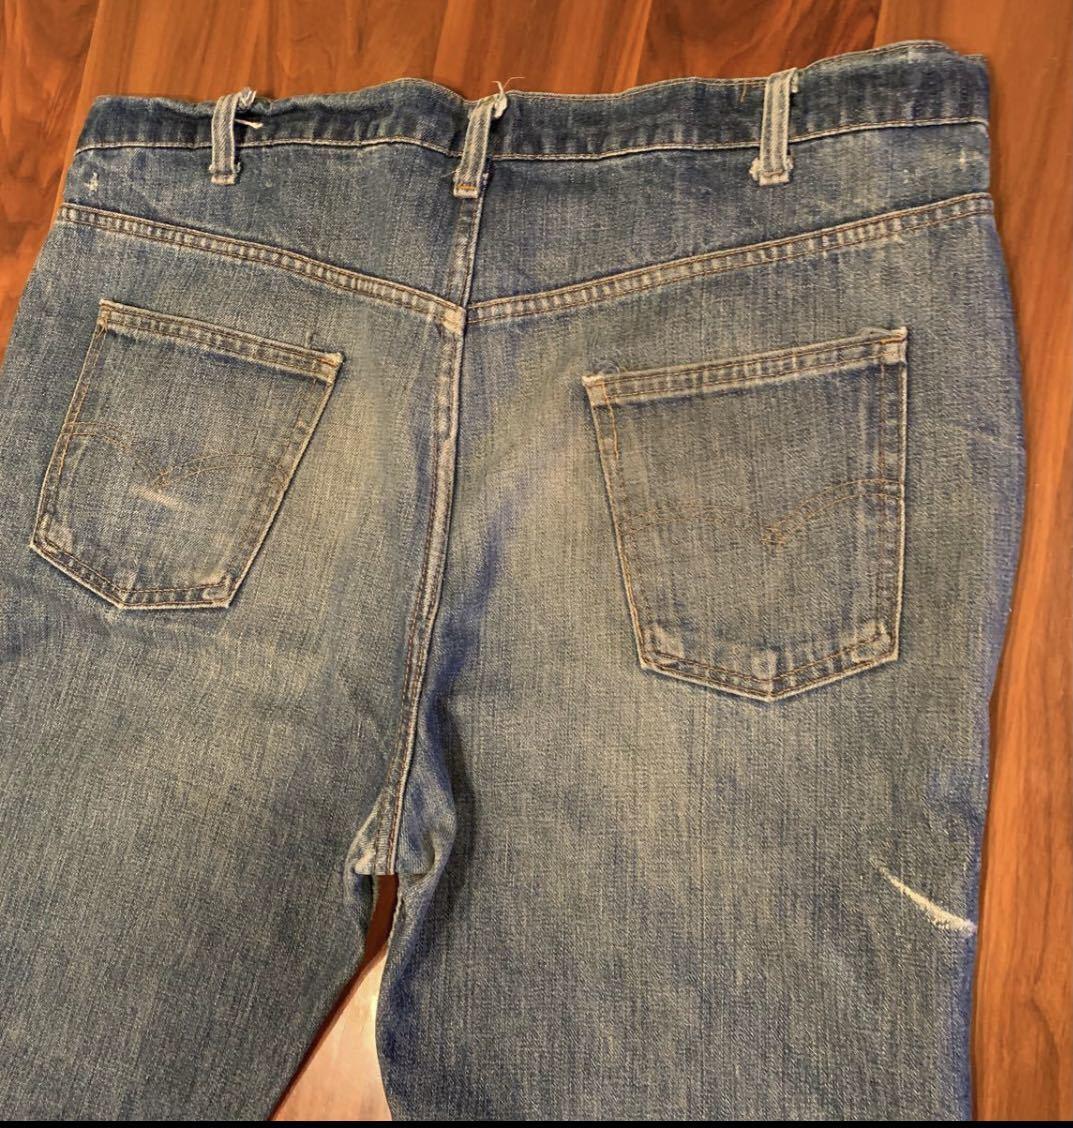 OLD リーバイス 517 ボタン裏8 実寸約102cm vintage デニム パンツ ジーンズ Levi's 501 505 BIGE_画像5